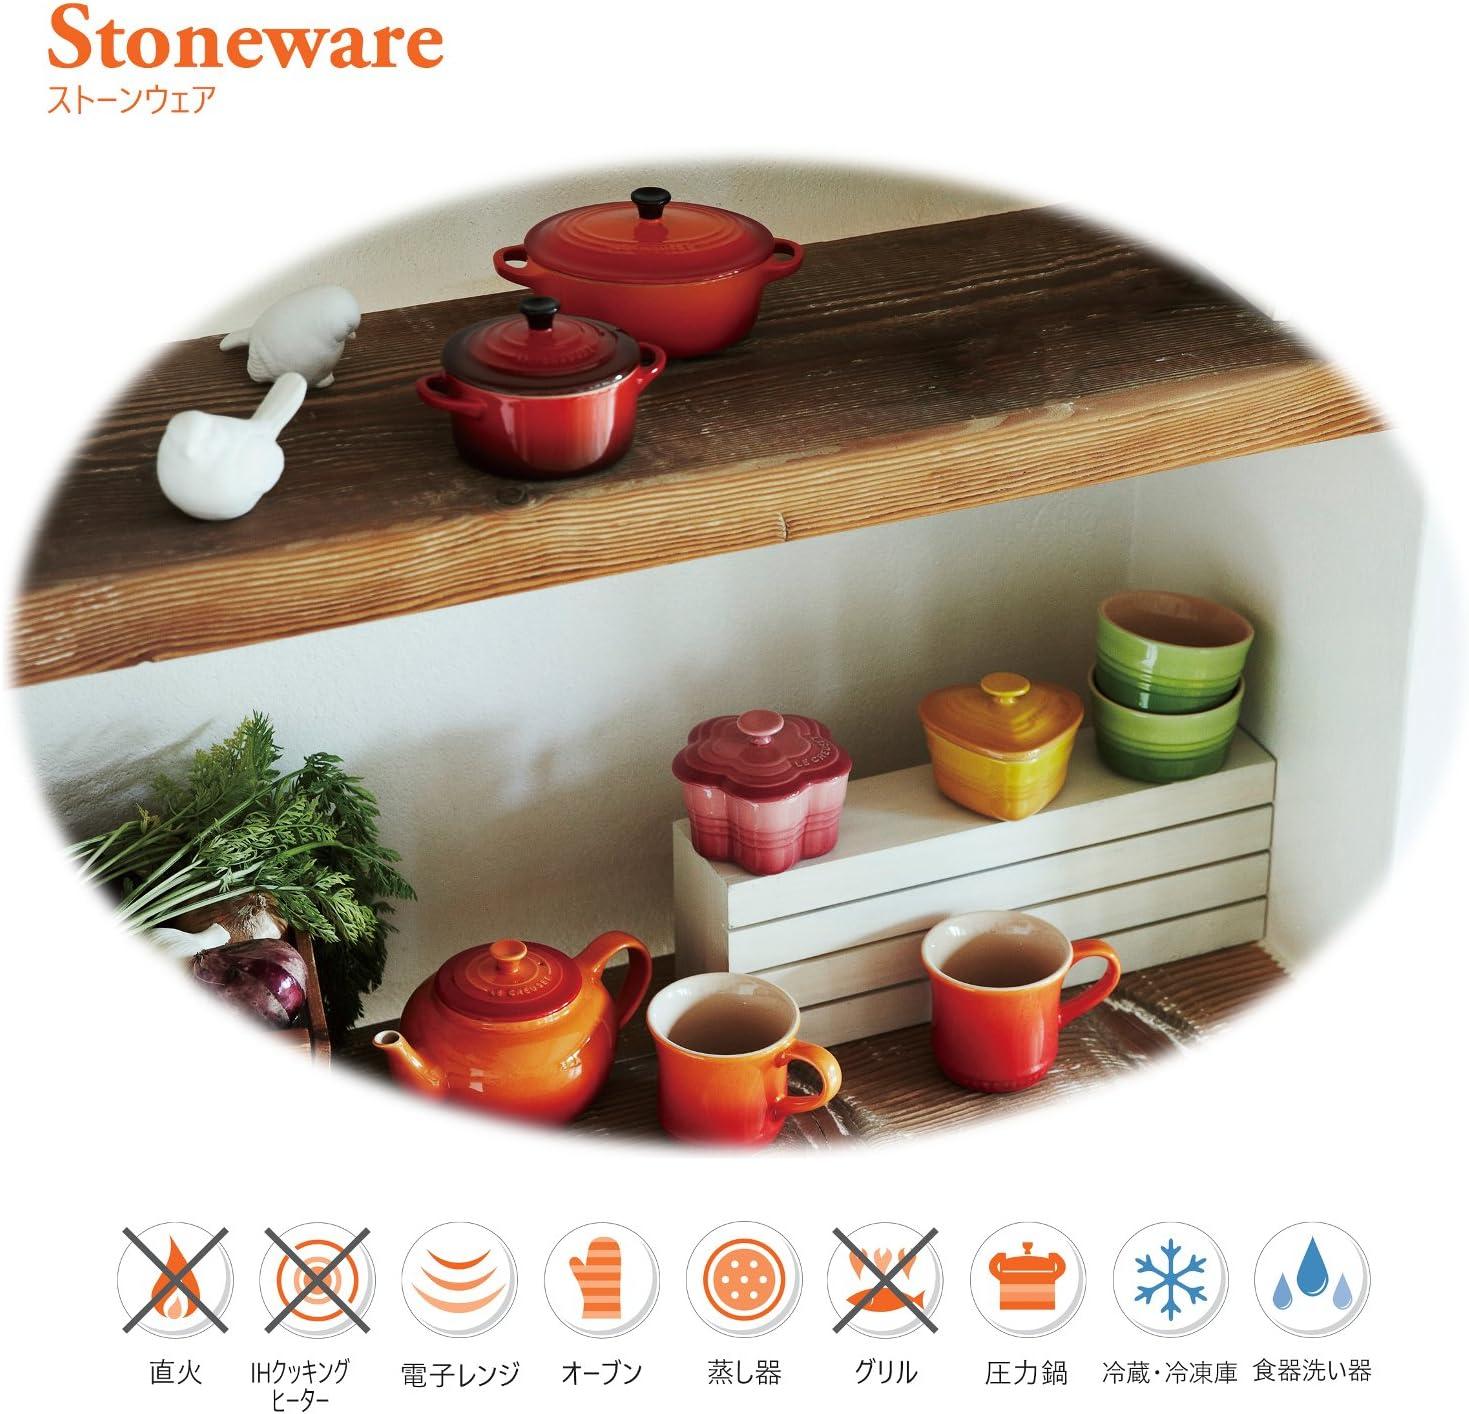 日亚海外购-Le Creuset 酷彩 陶瓷矩形餐具烤盘 910419-26-06